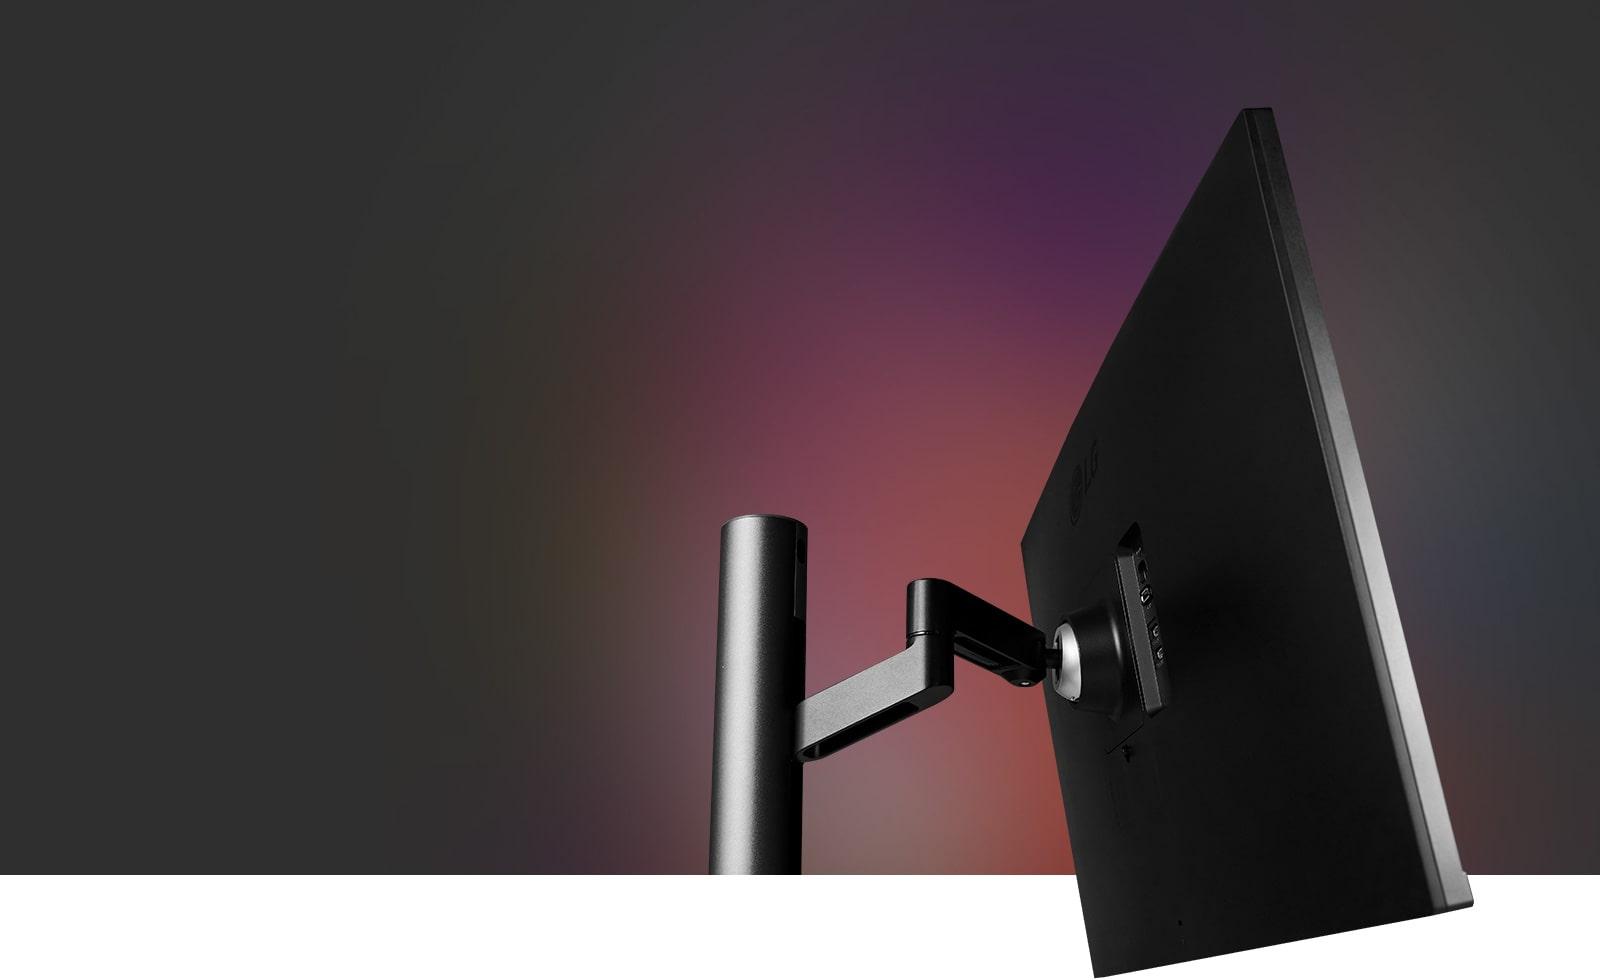 Ergonomski stalak, potpuna pokretljivost zaslona, savršeno prati razinu vaših očiju